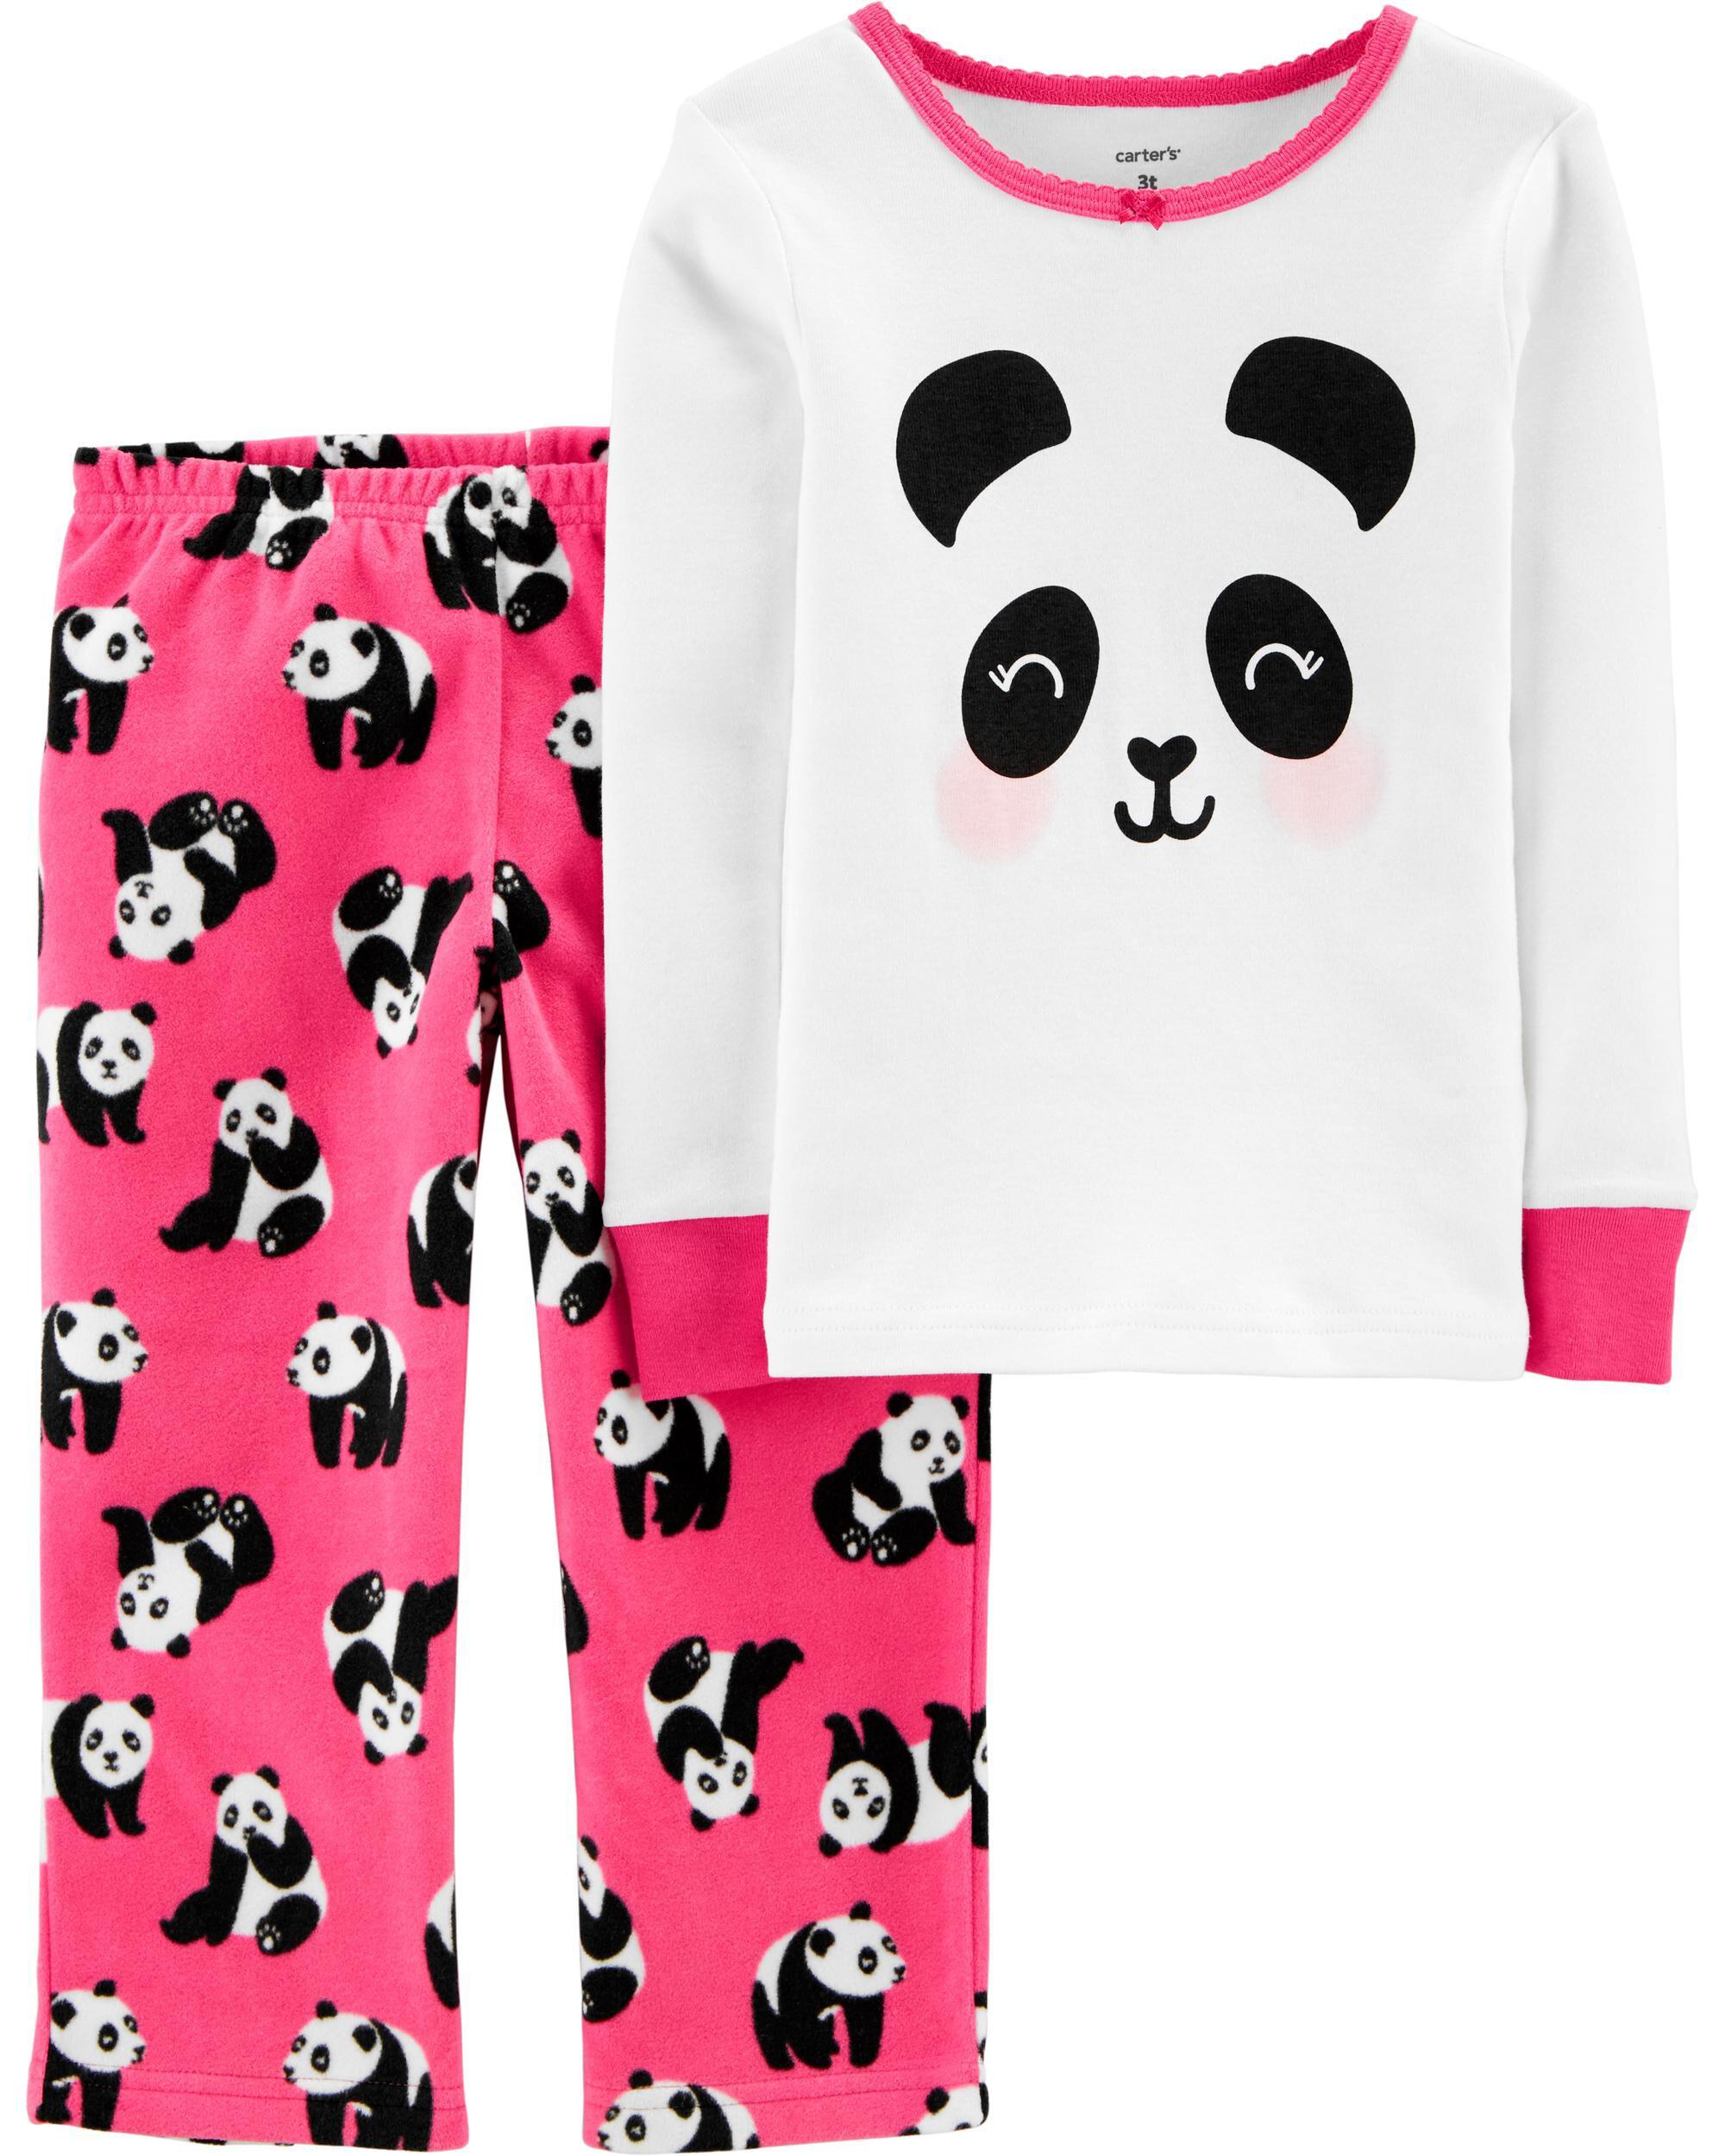 *CLEARANCE* 2-Piece Panda Snug Fit Cotton & Fleece PJs